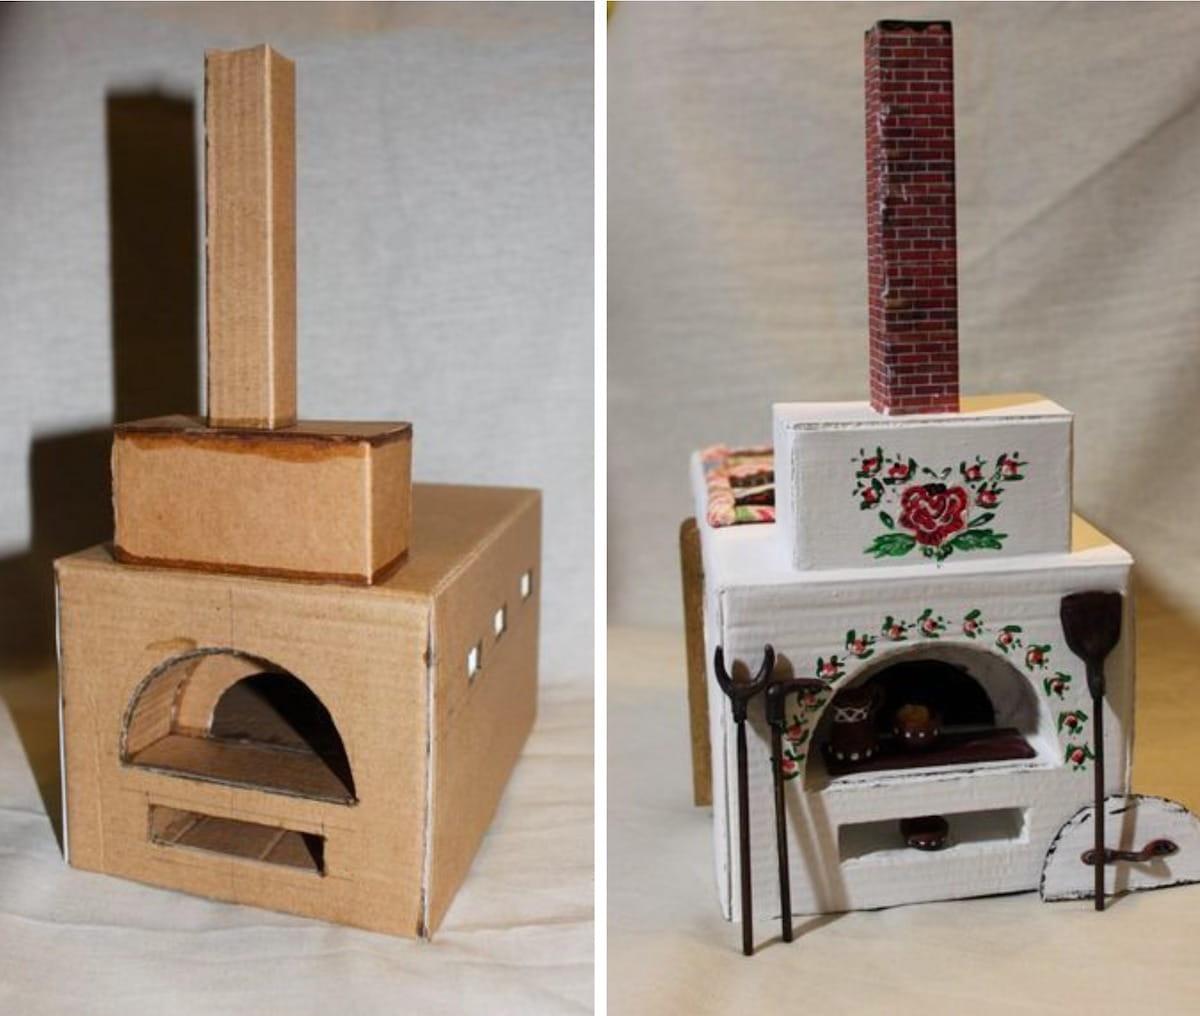 Русская печь из картона с ручной раскраской